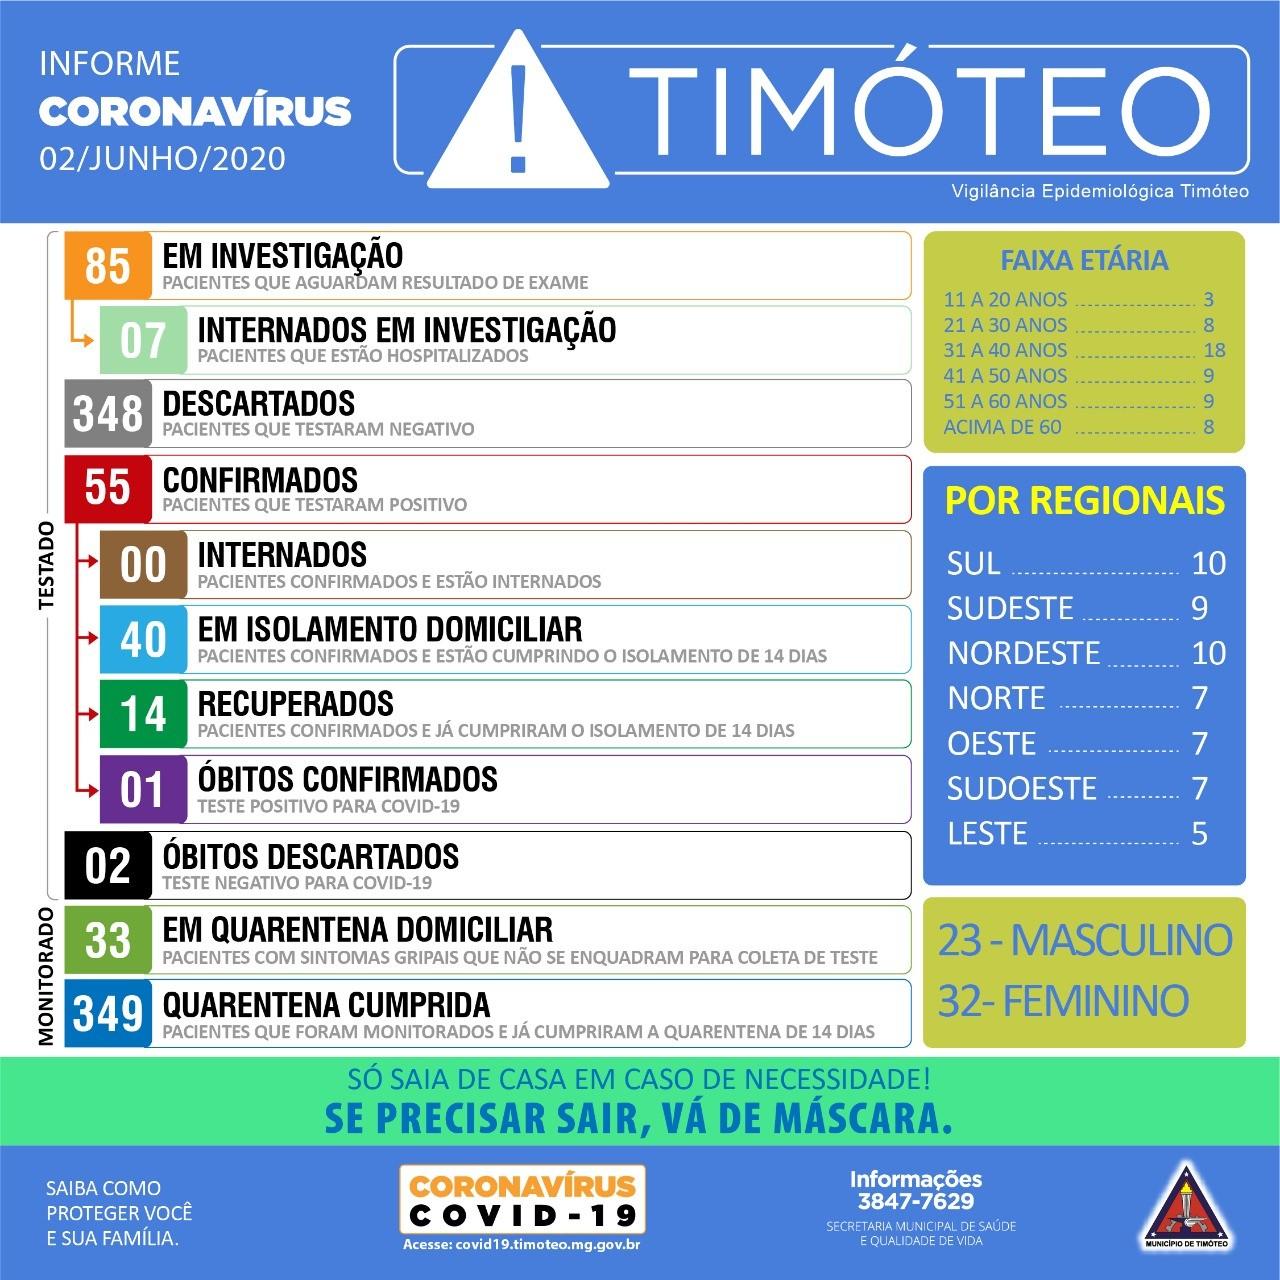 Prefeitura de Timóteo confirma três novos casos de Covid-19 e total chega a 55